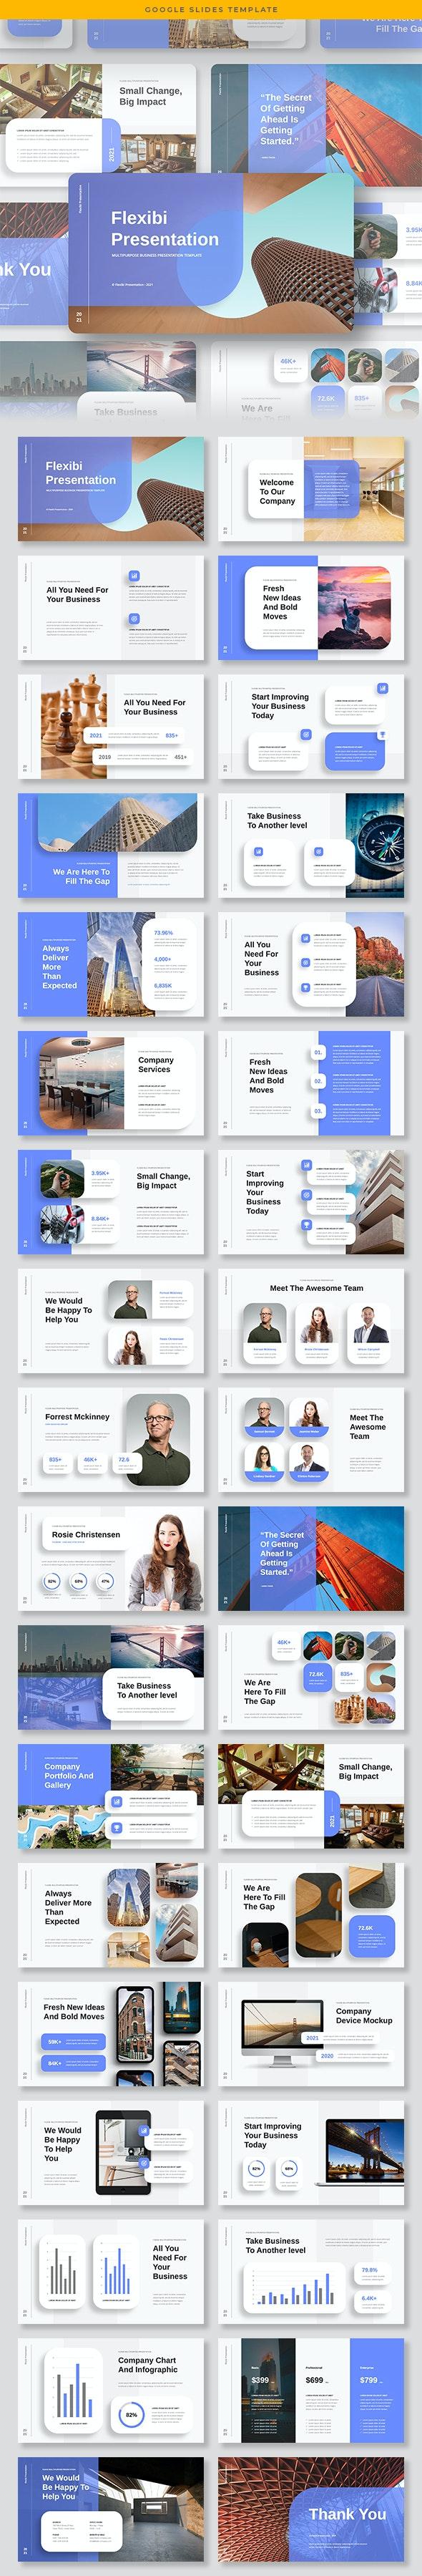 Flexibi - Multipurpose Business Google Slides Template - Google Slides Presentation Templates